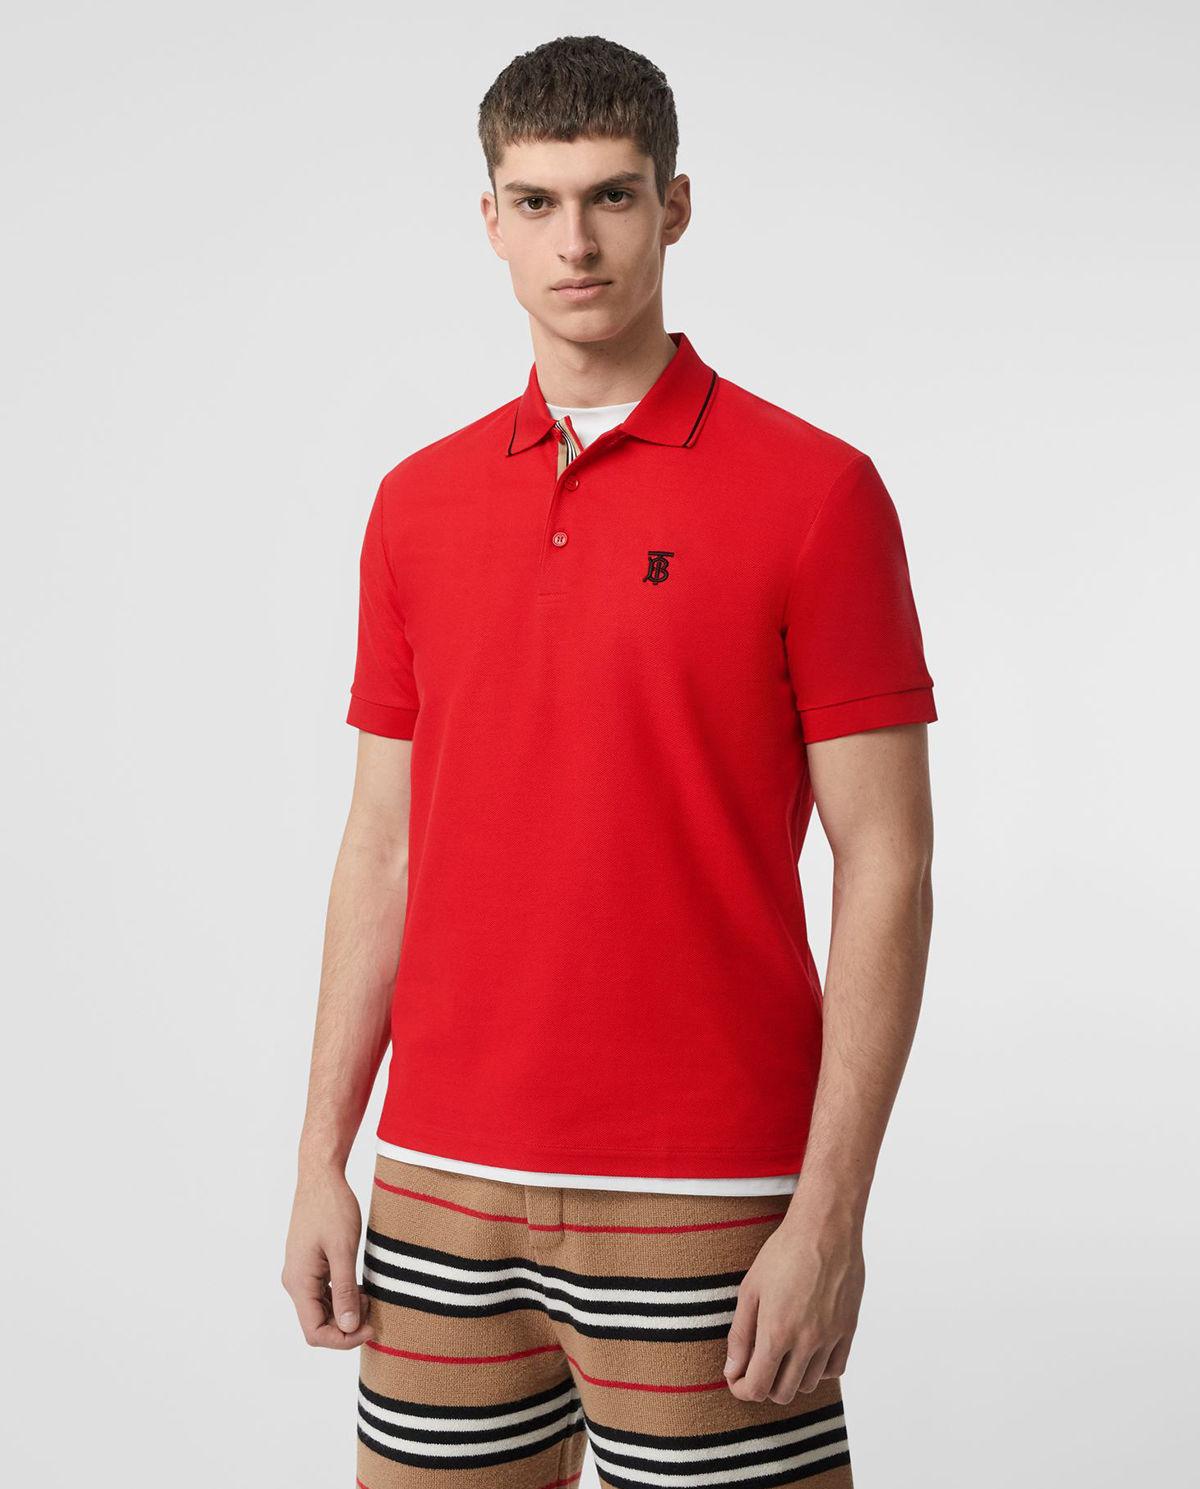 fed2c011d Koszulka polo z monogramem BURBERRY – Kup Teraz! Najlepsze ceny i opinie!  Sklep PlacTrzechKrzyzy.com